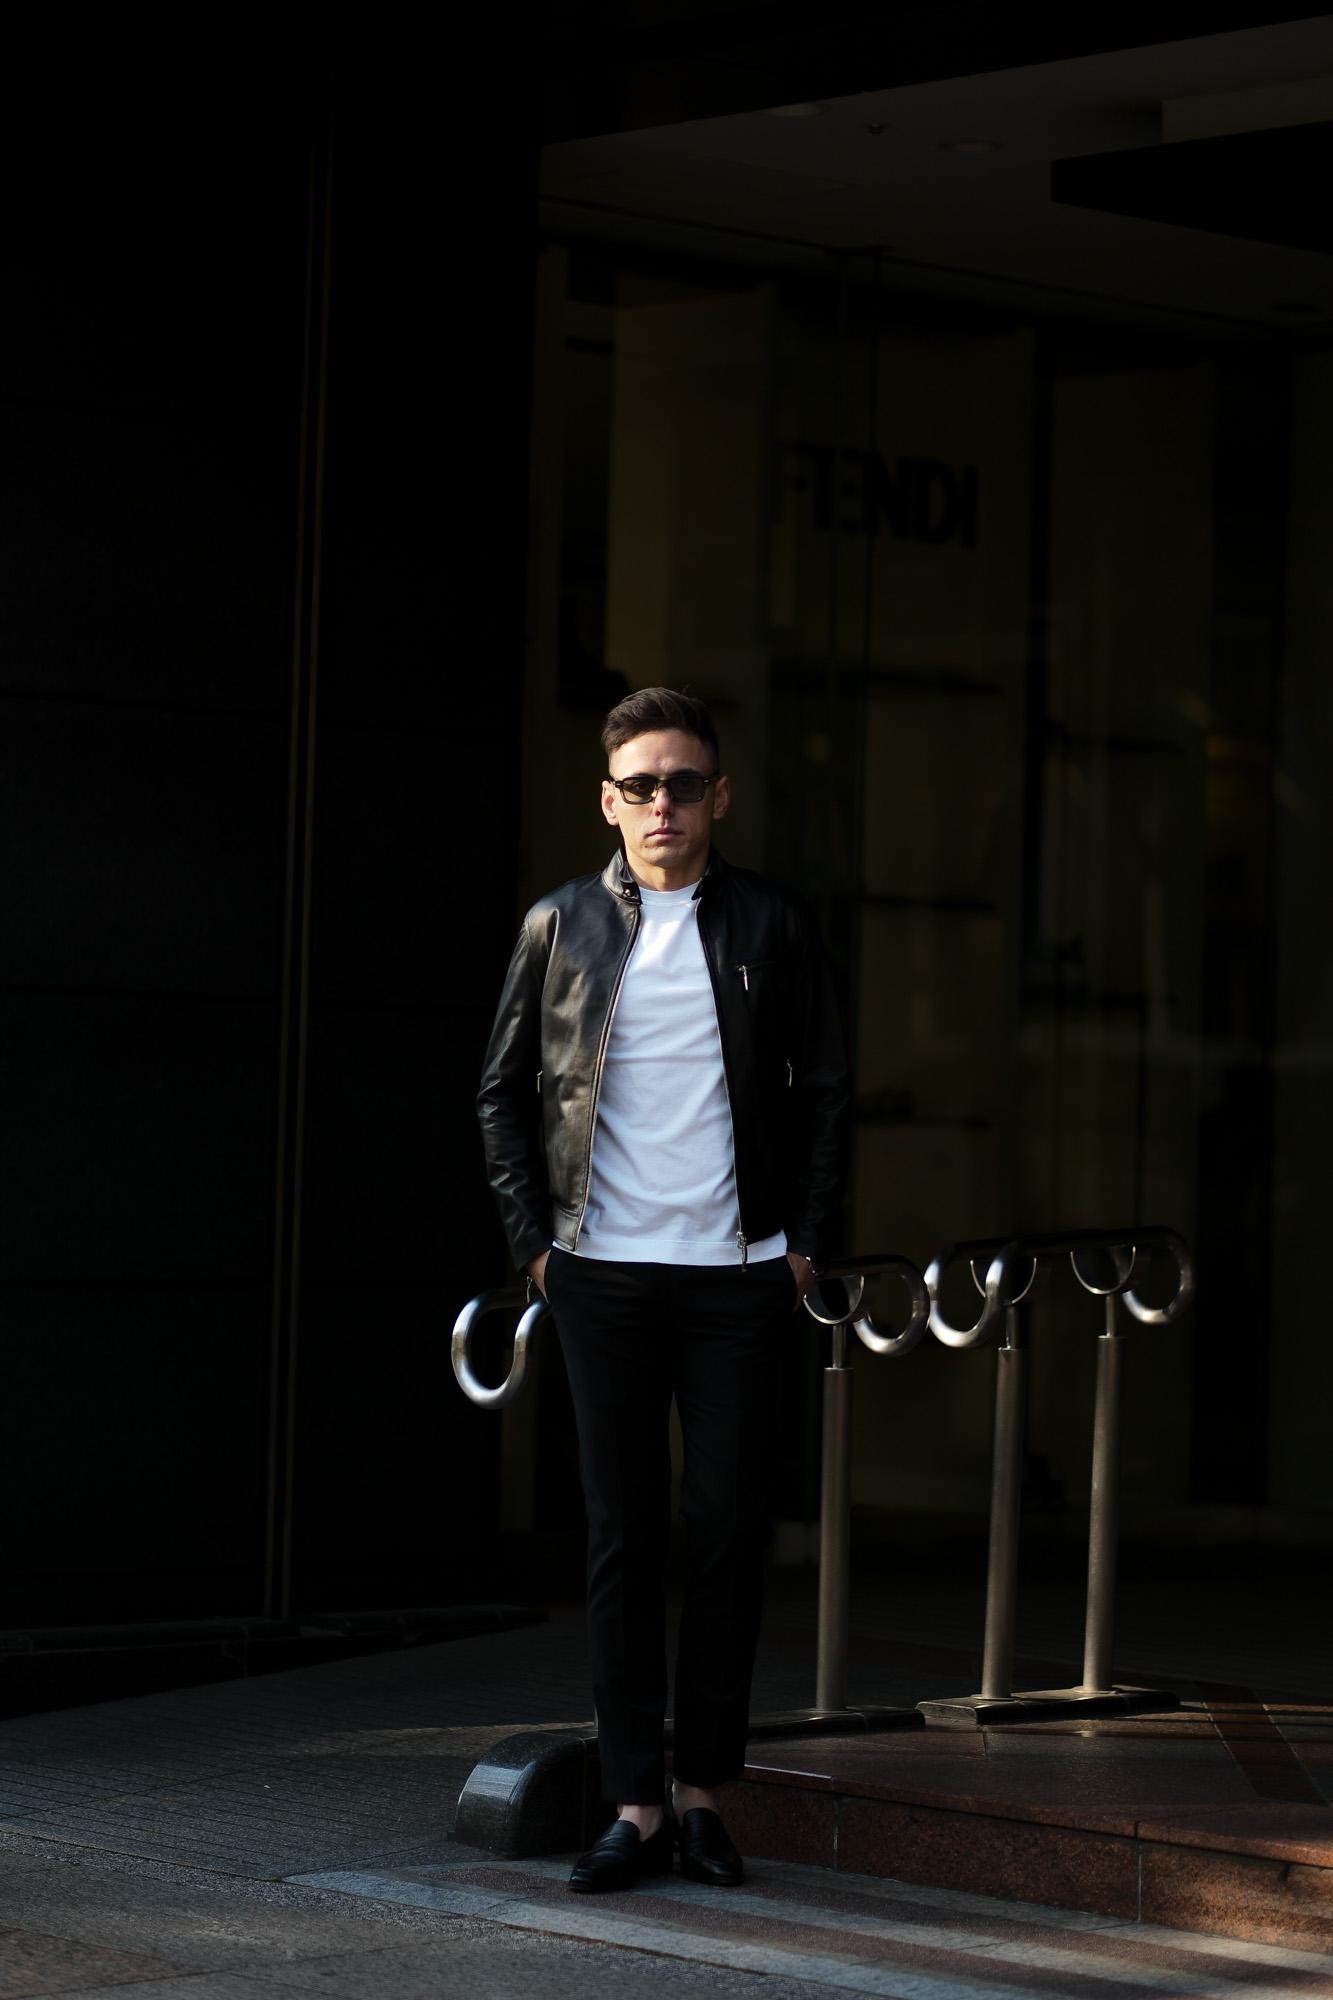 SILENCE(サイレンス) Single Leather Jacket (シングルレザー ジャケット) Lambskin Nappa Leather (ラムナッパ レザー) シングル ライダース ジャケット NERO (ブラック) Made in italy (イタリア製) 2020 春夏新作 【第2便ご予約受付中】【2020年5月上旬入荷分】愛知 名古屋 altoediritto アルトエデリット レザージャケット